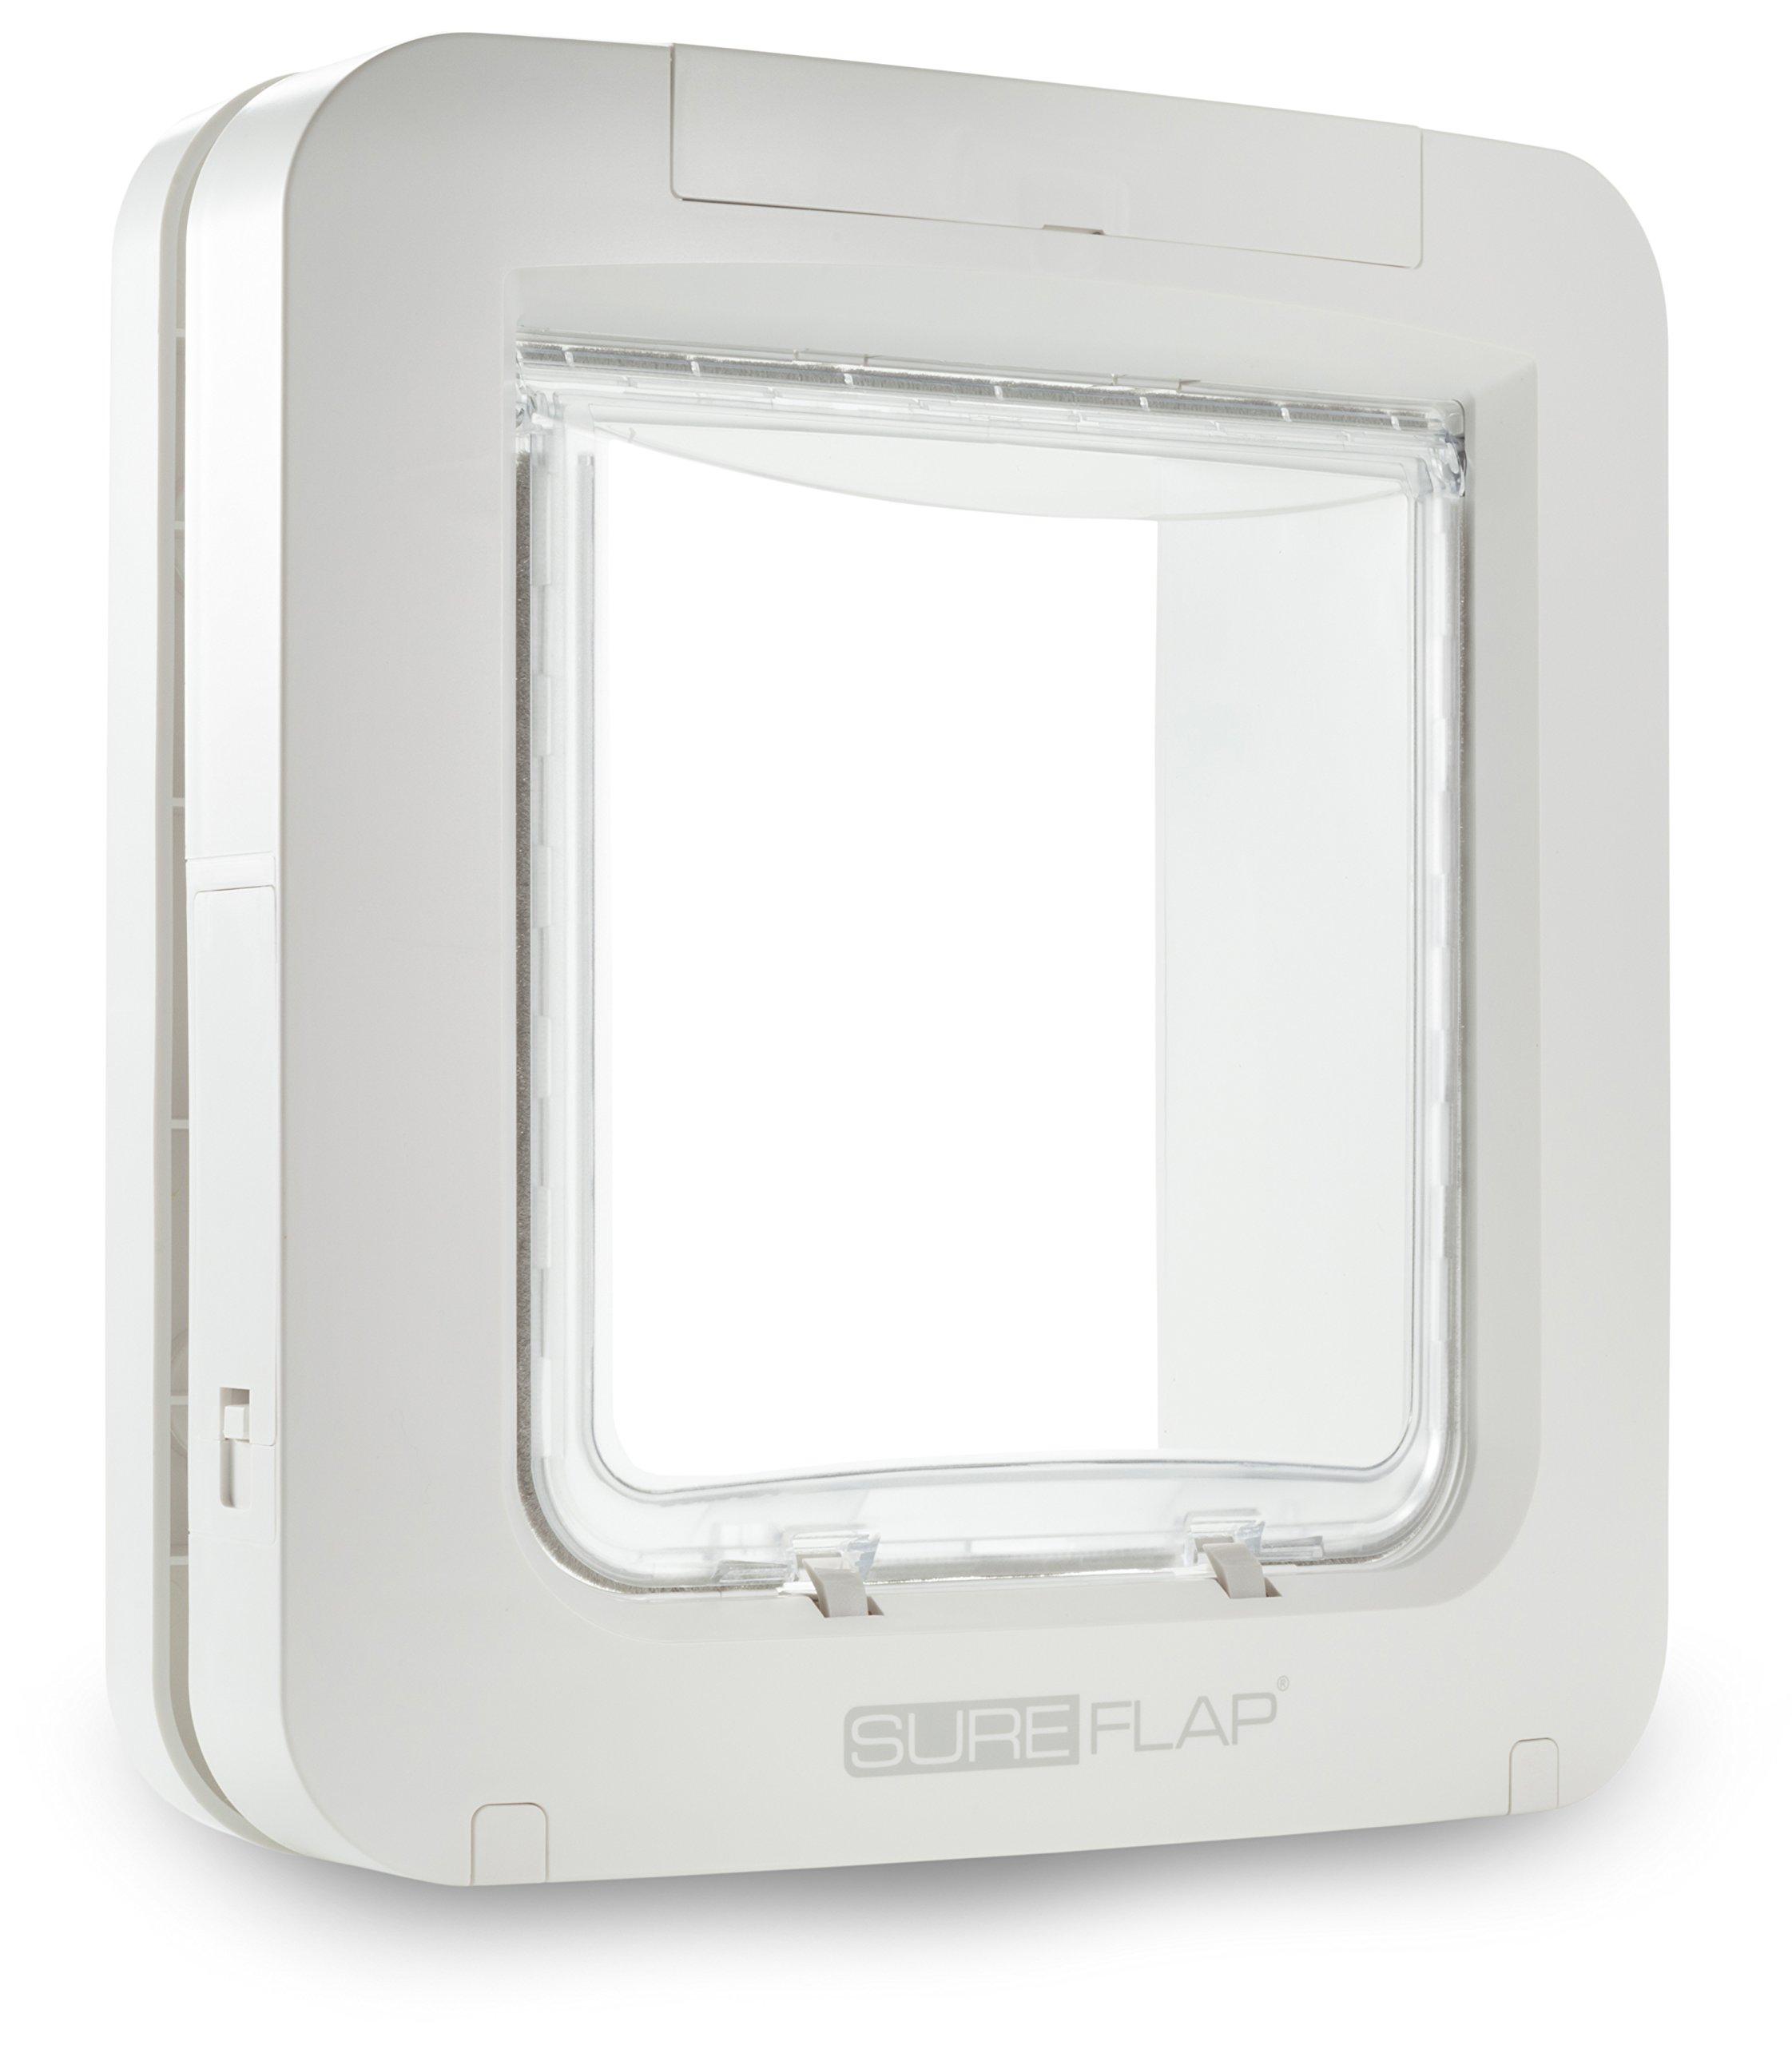 SureFlap Microchip Pet Door (White) by SureFlap MicroChip Pet Door